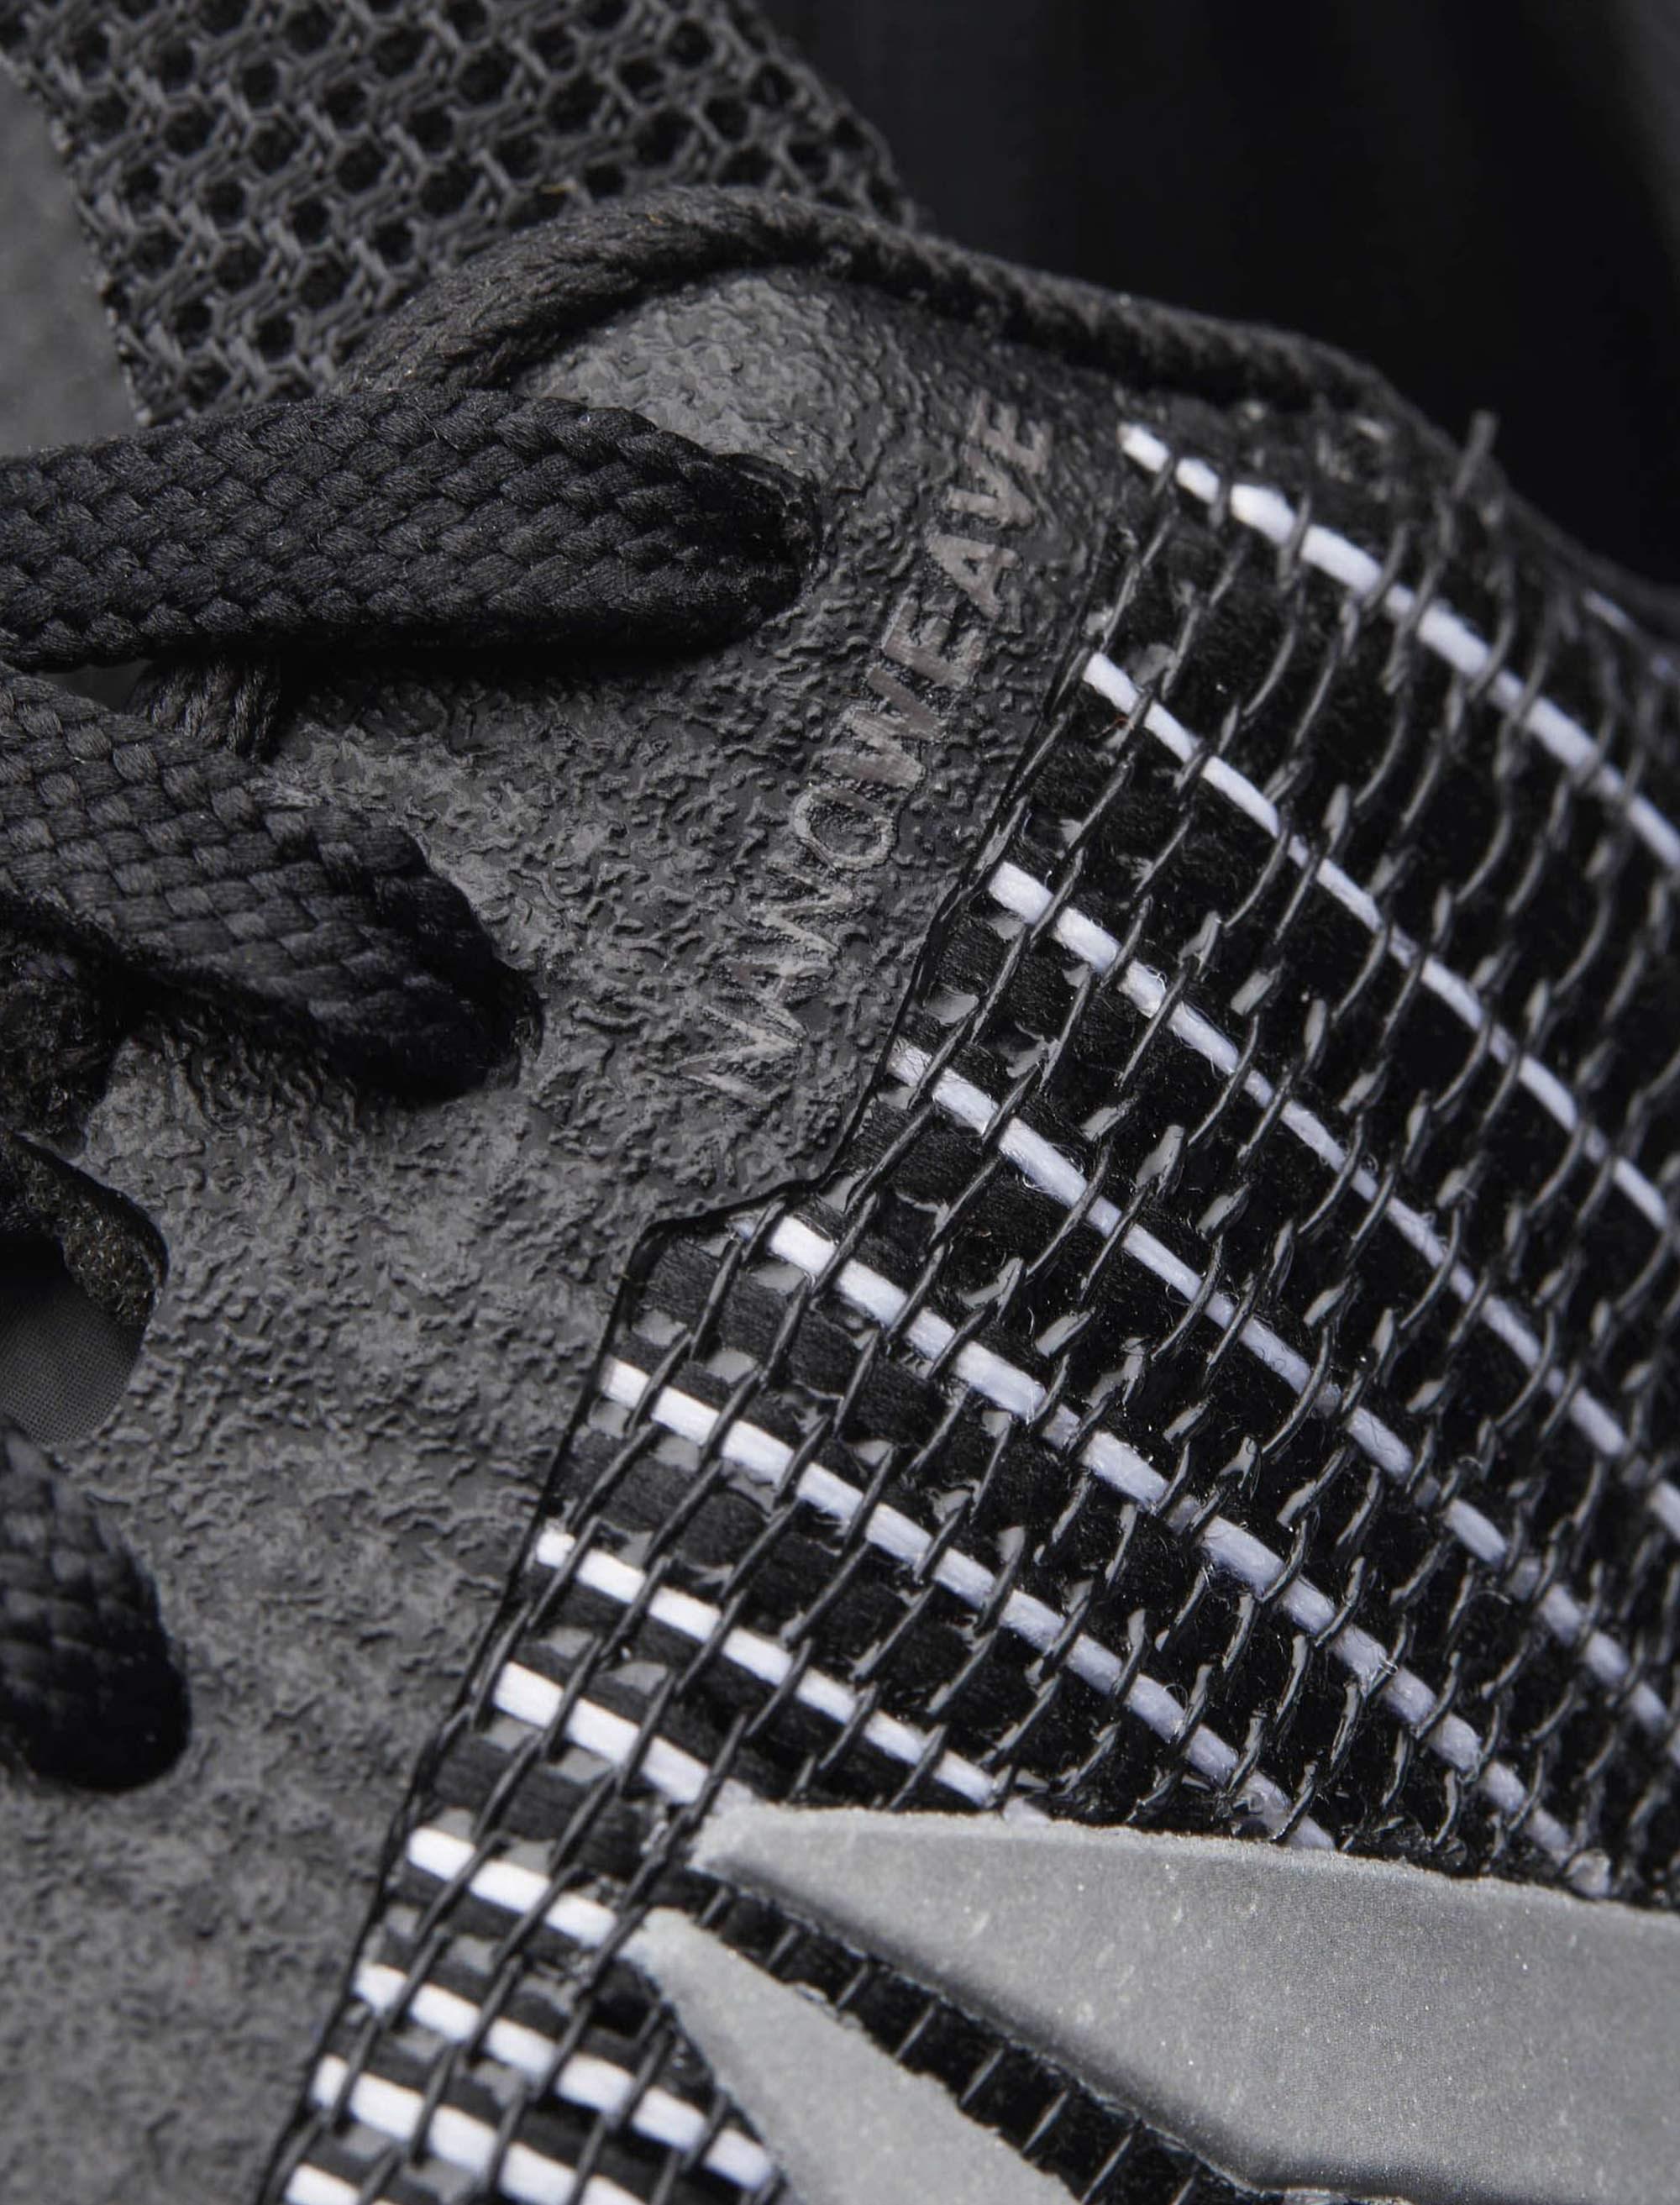 کفش تمرین بندی مردانه CrossFit Nano 7 Weave - سفيد مشکي - 7